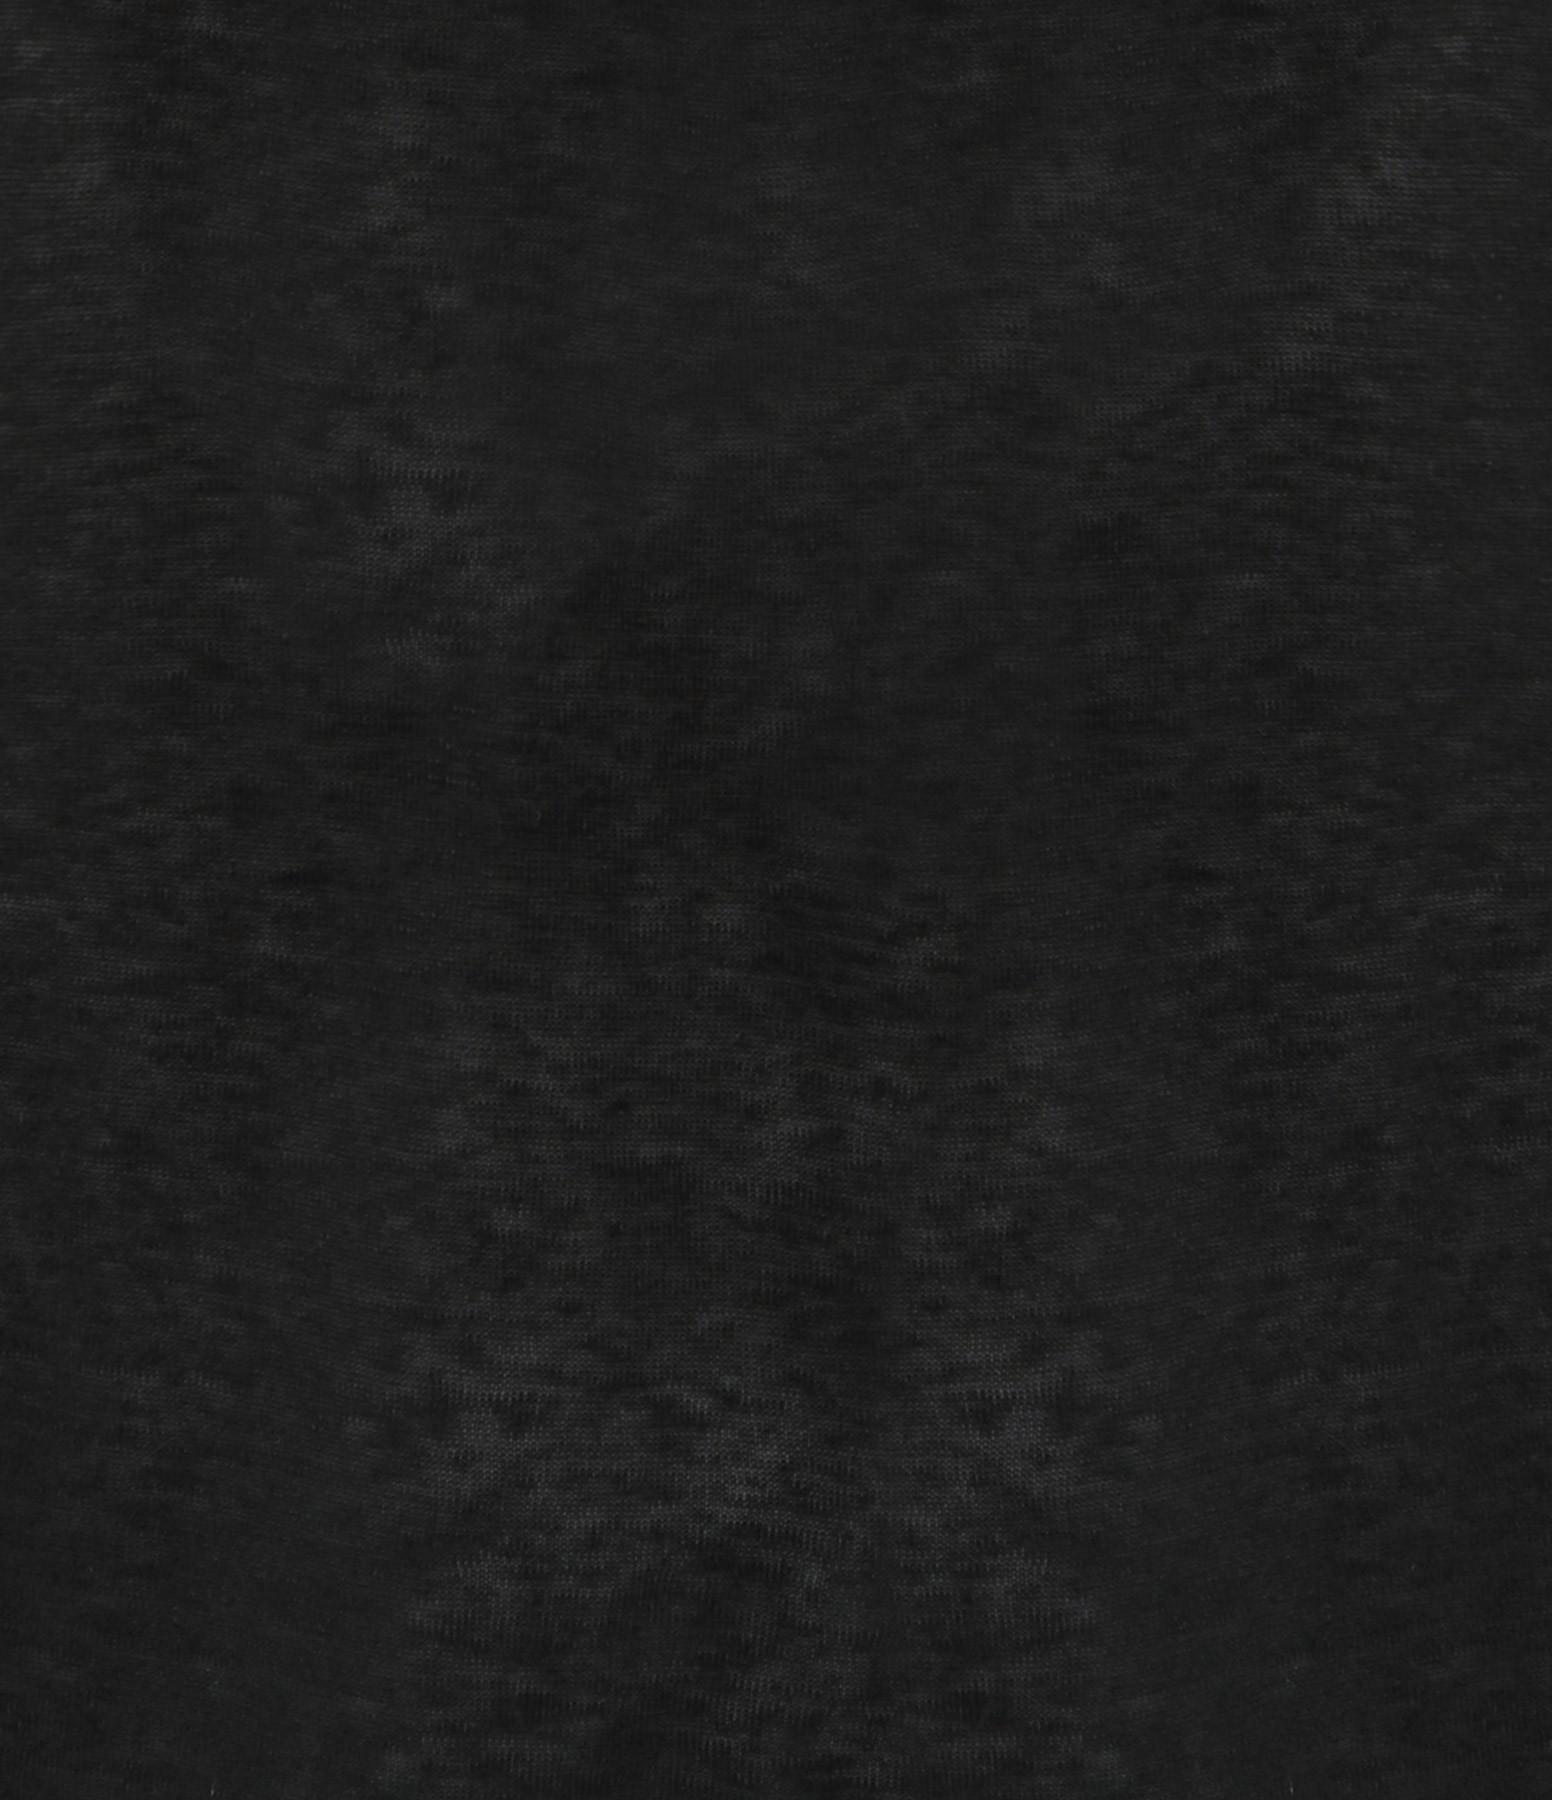 FORTE_FORTE - Top Lin Torchon Noir